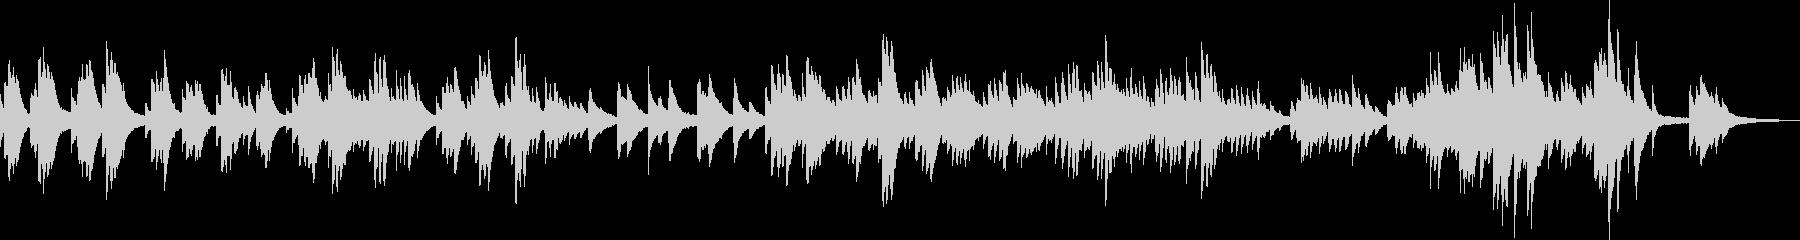 変わらない風景(ピアノソロ)の未再生の波形